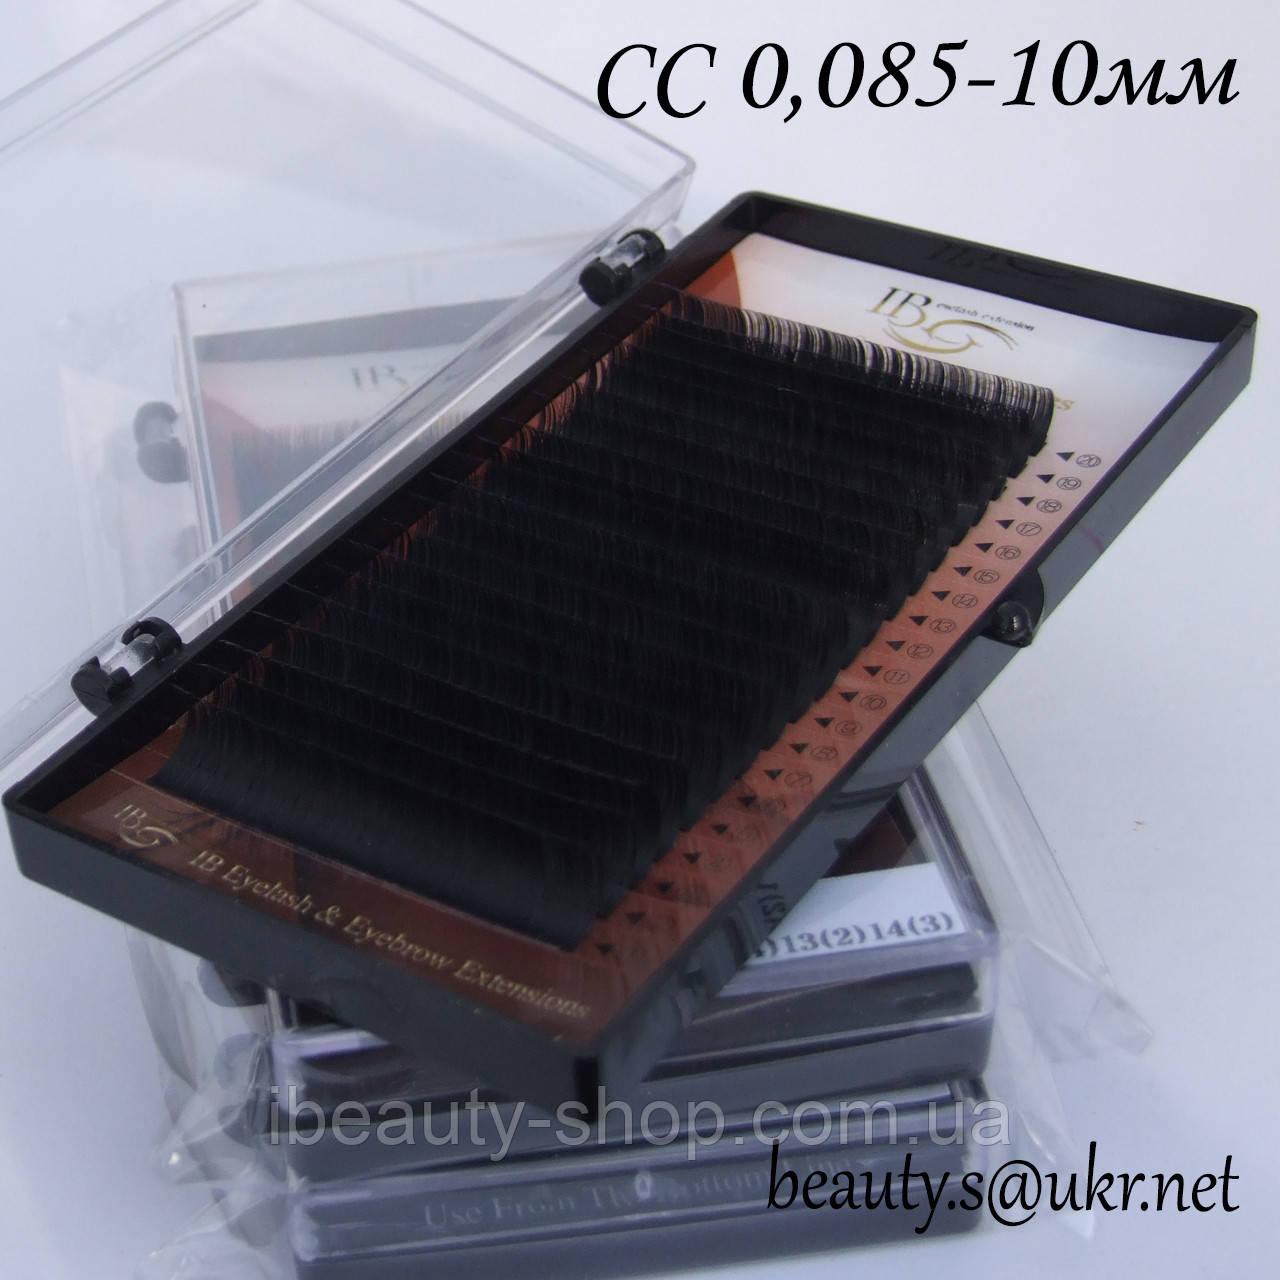 Ресницы  I-Beauty на ленте СC-0,085 10мм